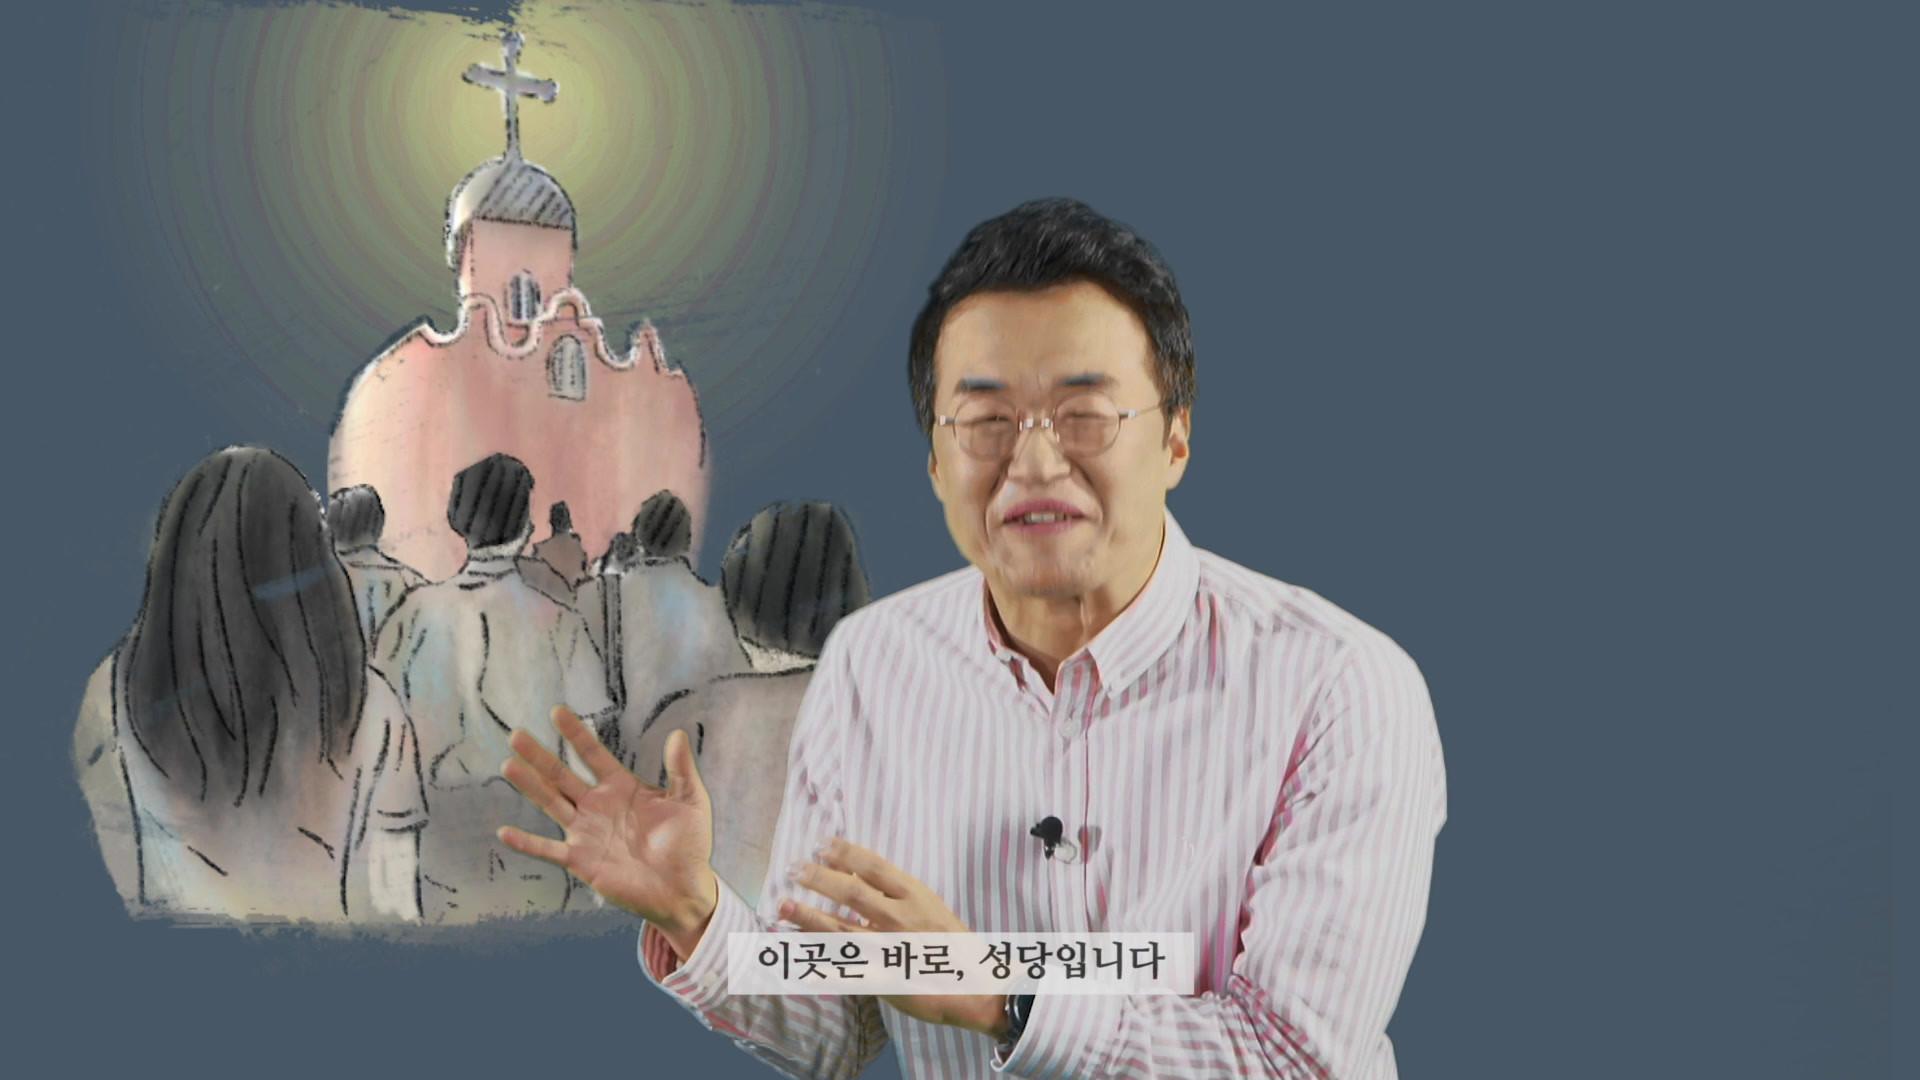 영덕영해_최태성_히스토리강의.mp4